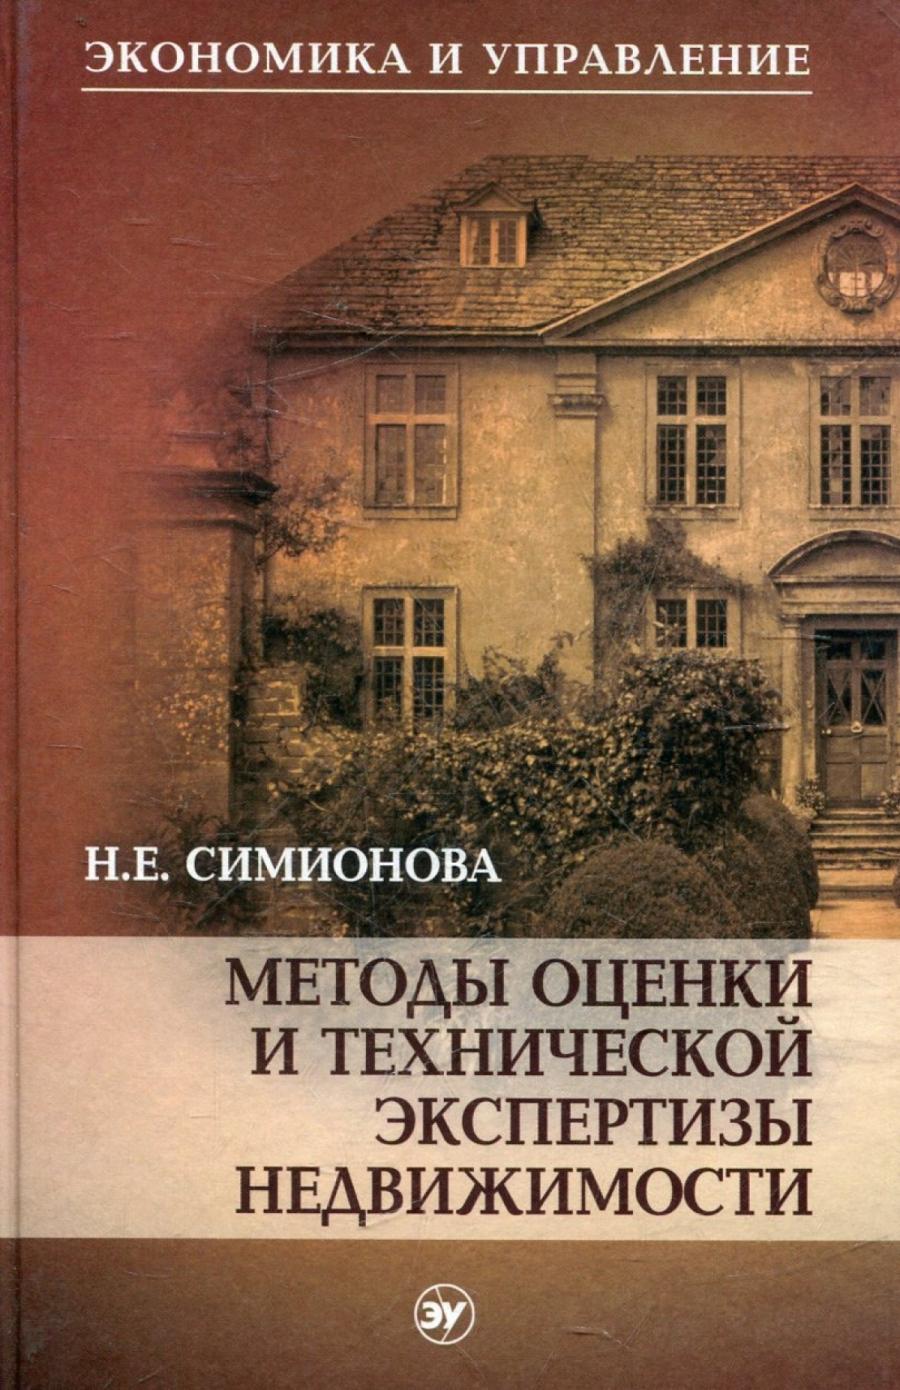 Обложка книги:  н.е. симионова, с.г. шеина - методы оценки и технической экспертизы недвижимости